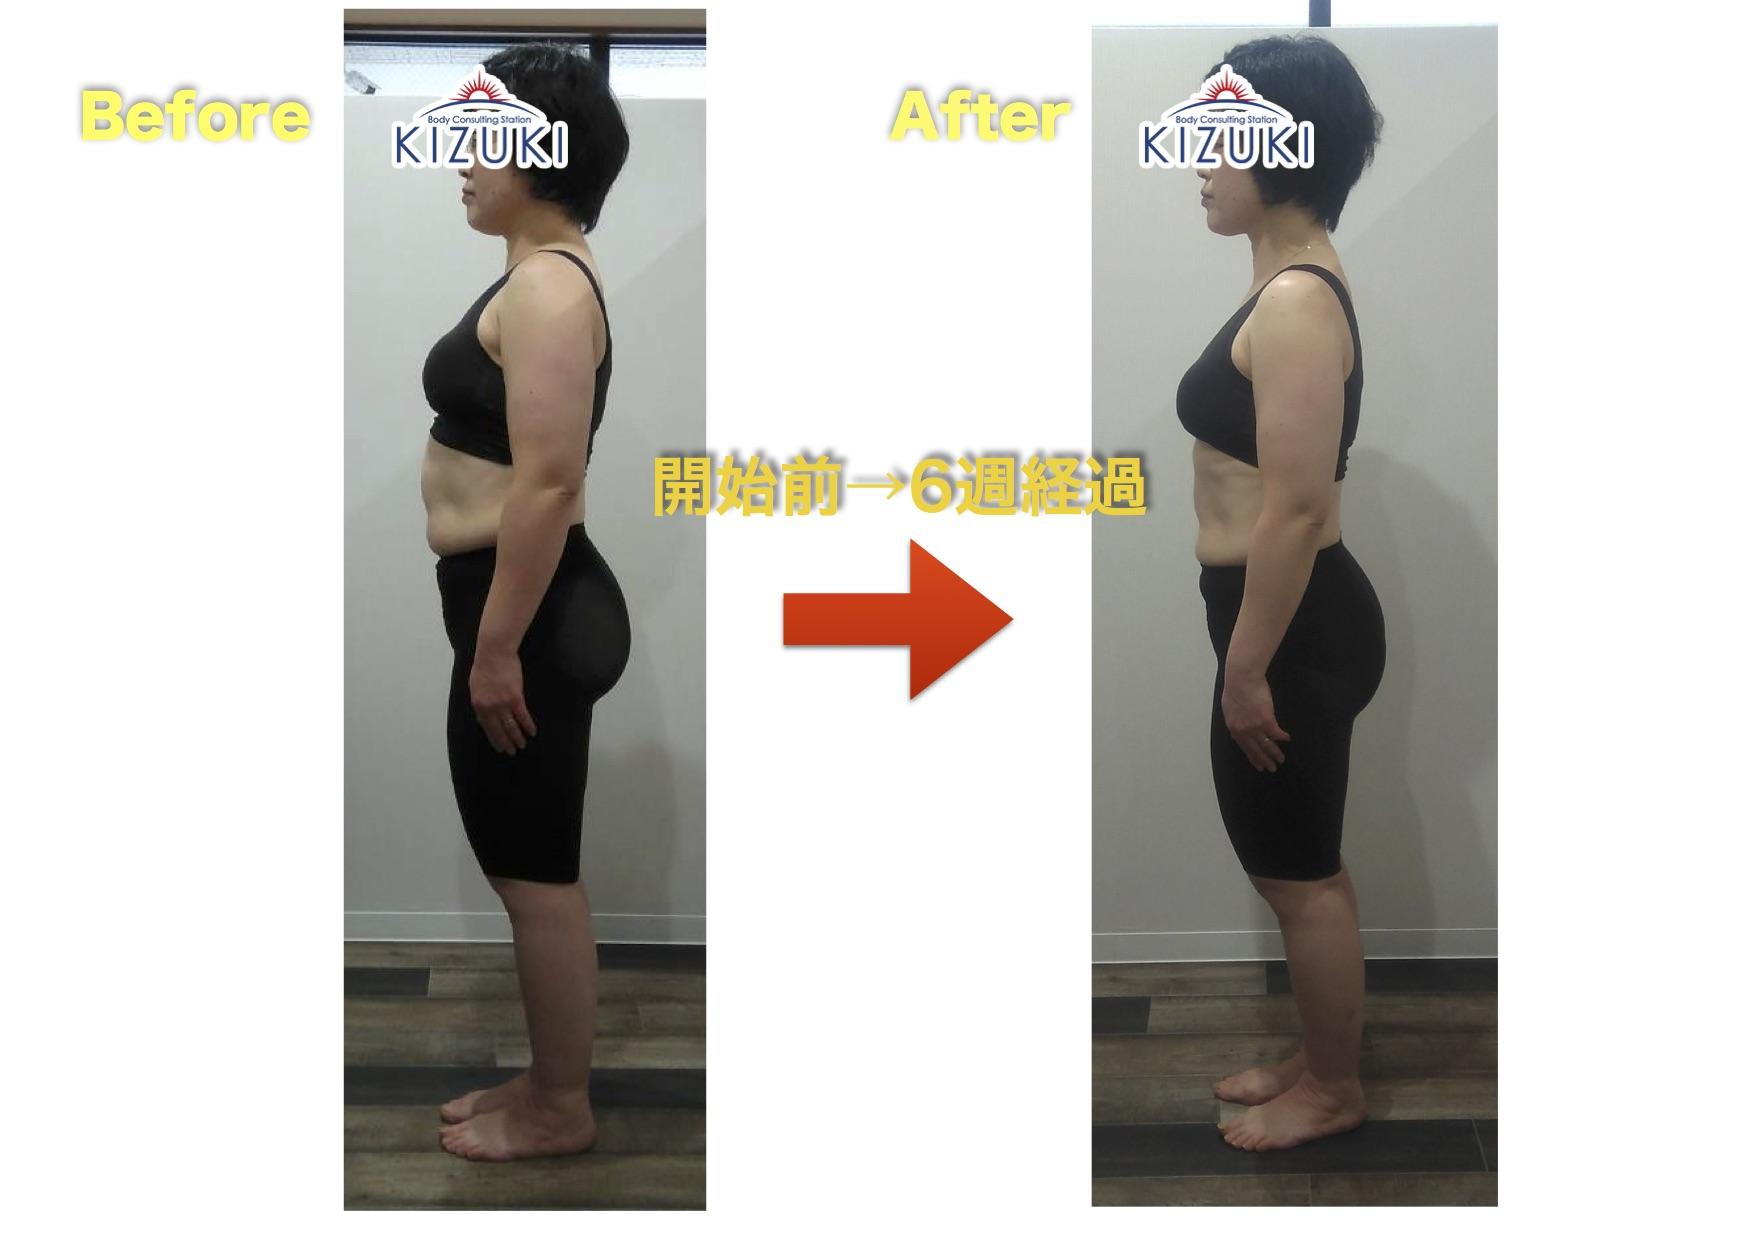 2カ月ダイエットのコツ【6週間経過モニター報告】